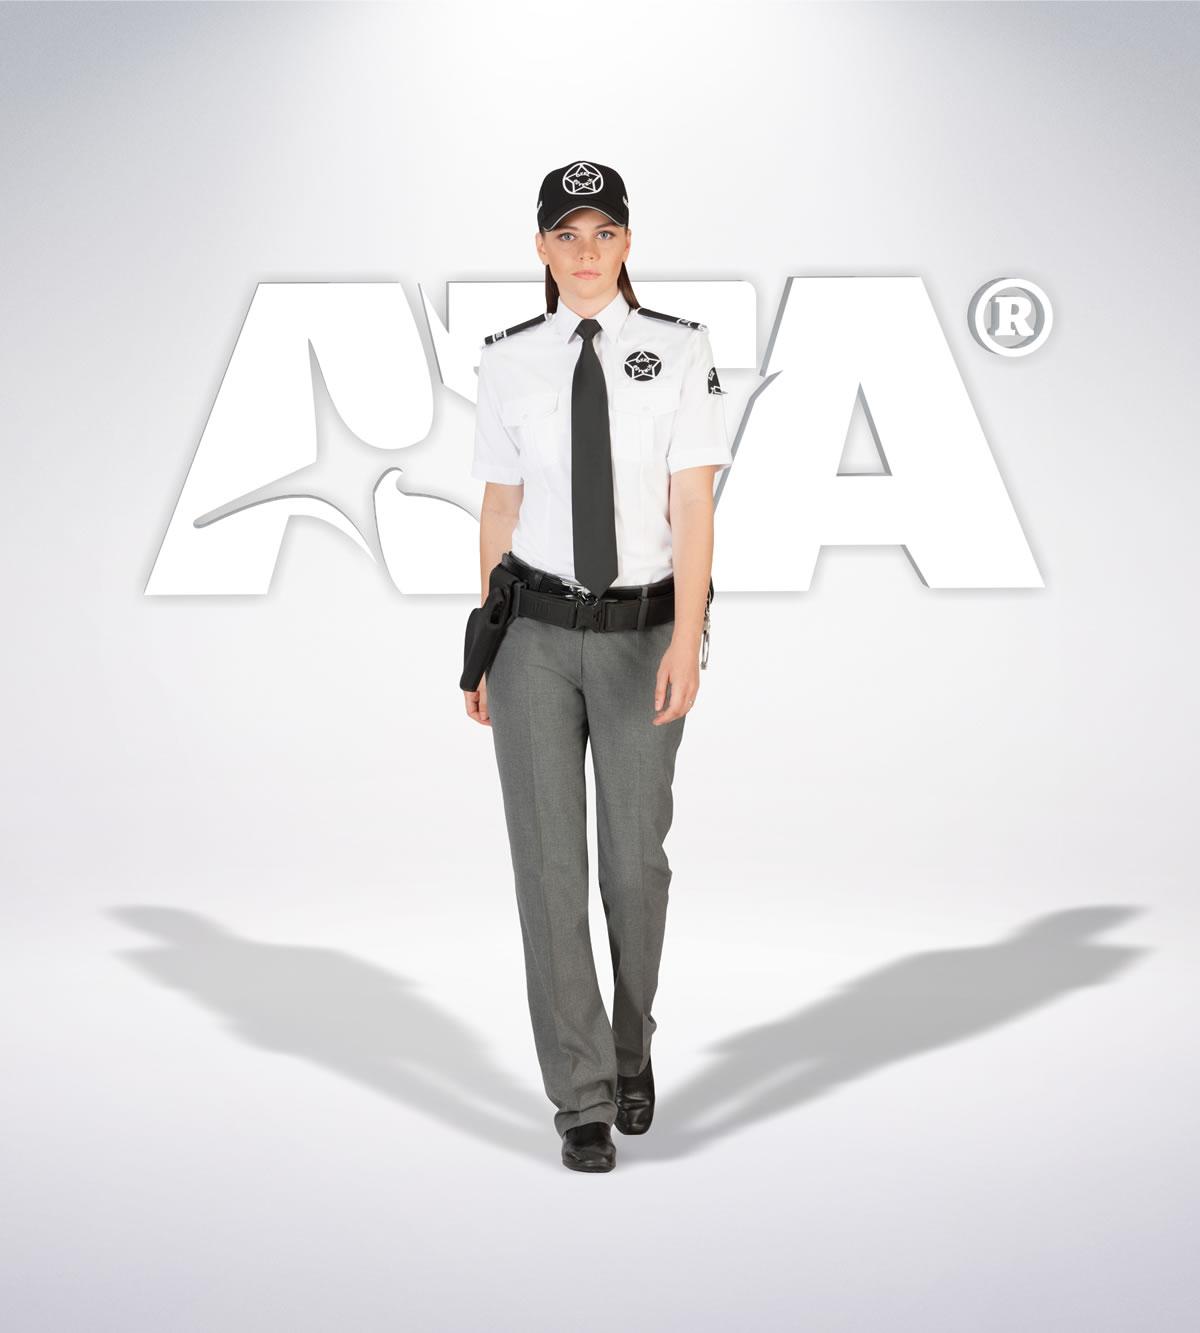 ATA 111 - Pantolon yazlık - gömlek yazlık-kışlık - aksesuar - güvenlik elbiseleri | güvenlik üniformaları | güvenlik kıyafetleri